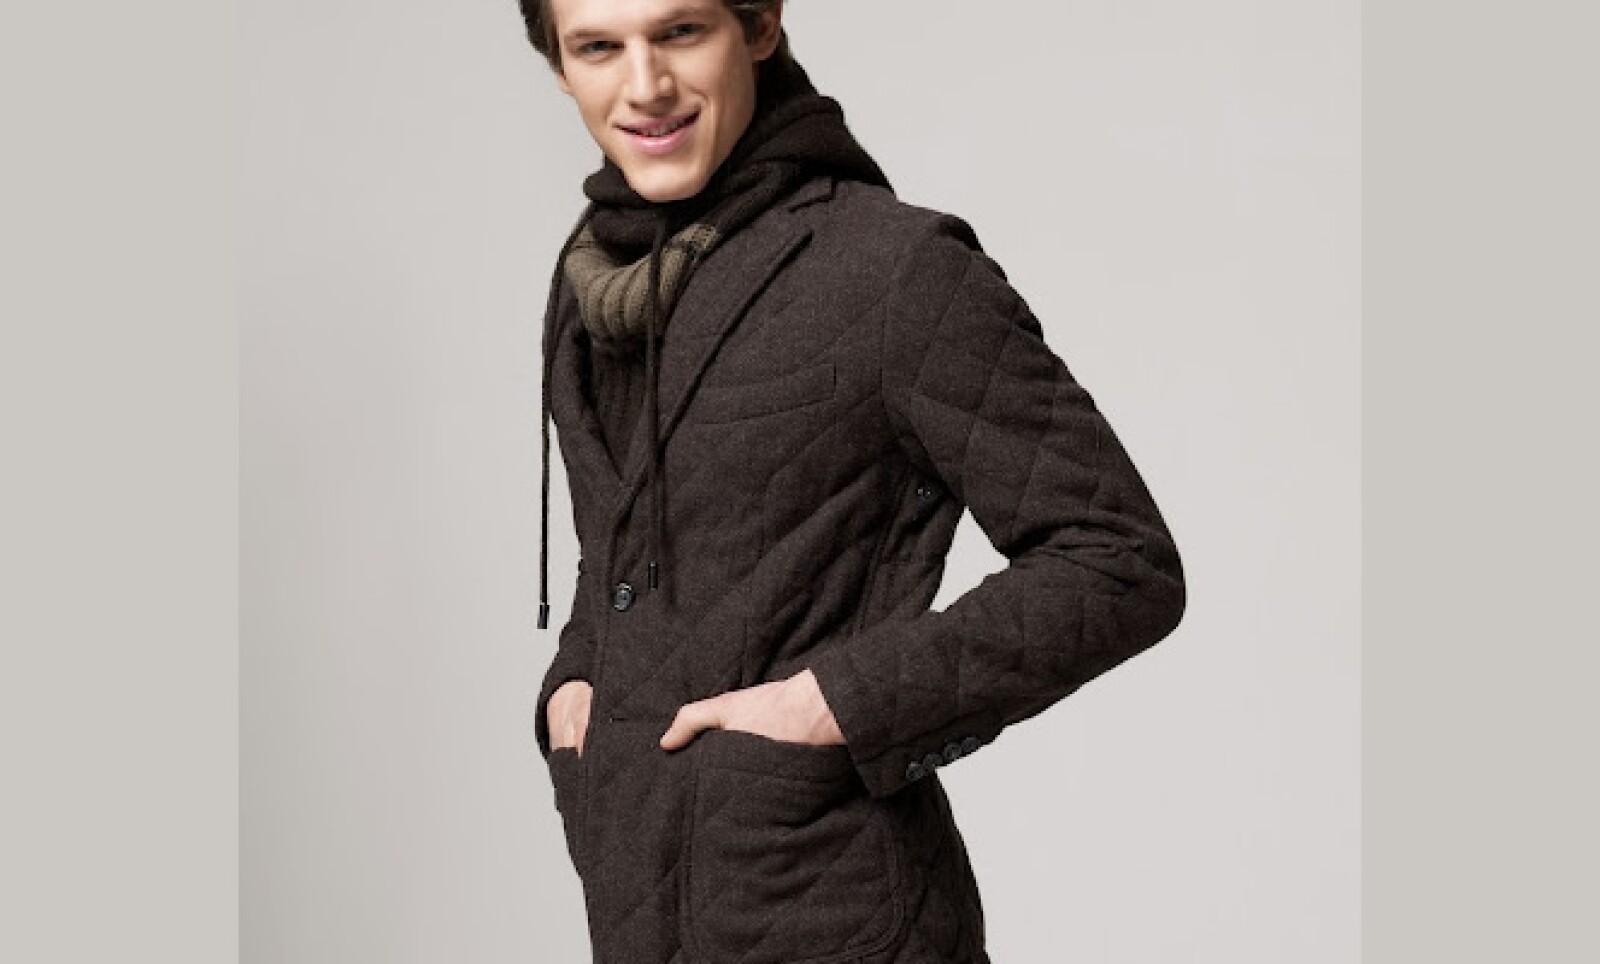 Divertido no debe estar peleado con el lujo, y esta combinación con chamarra, suéter y bufanda es una prueba de ello.